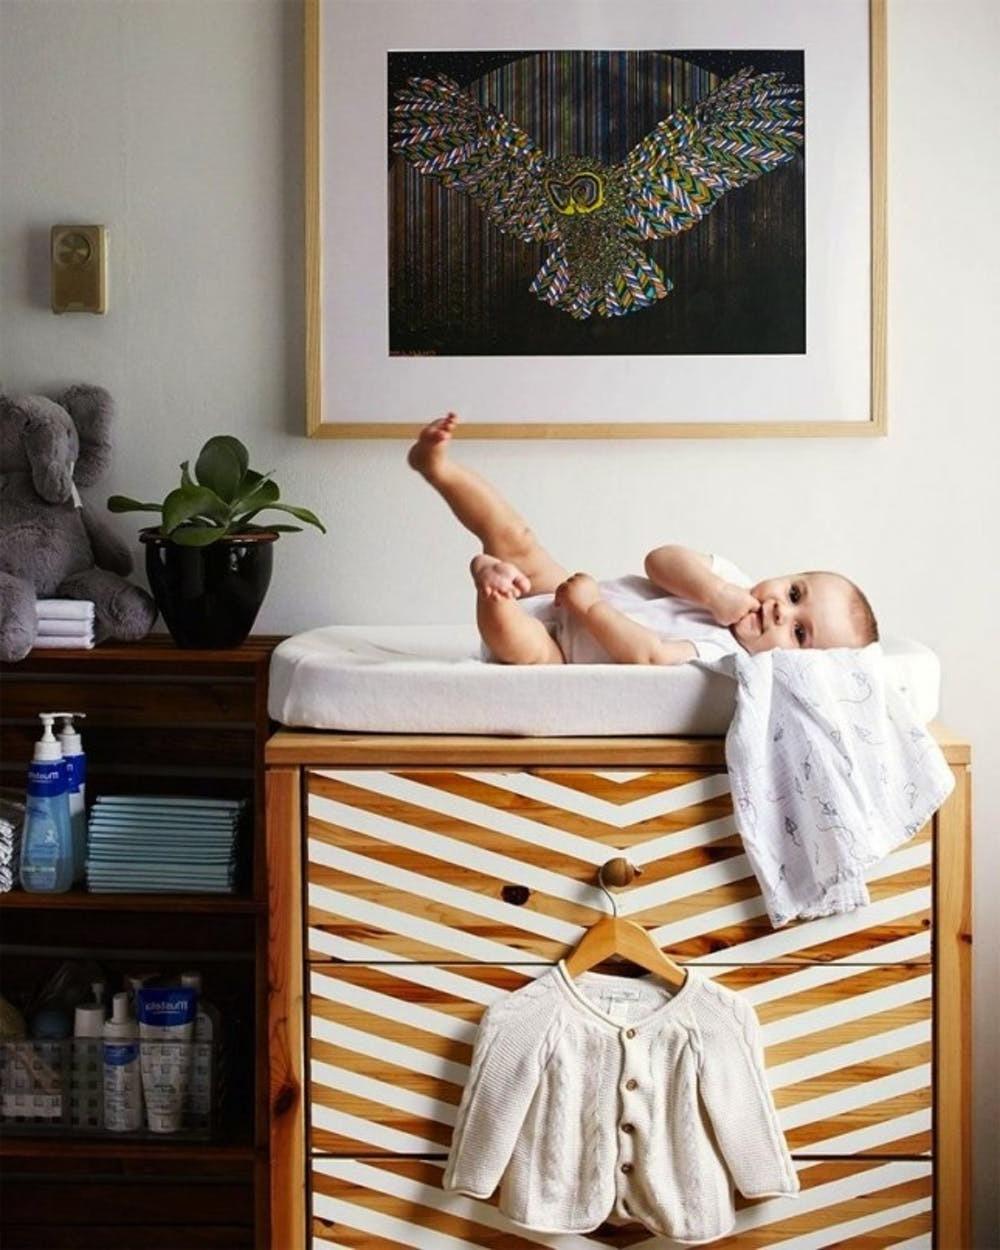 Babyzimmer komplett einrichten mit Ikea Hacks